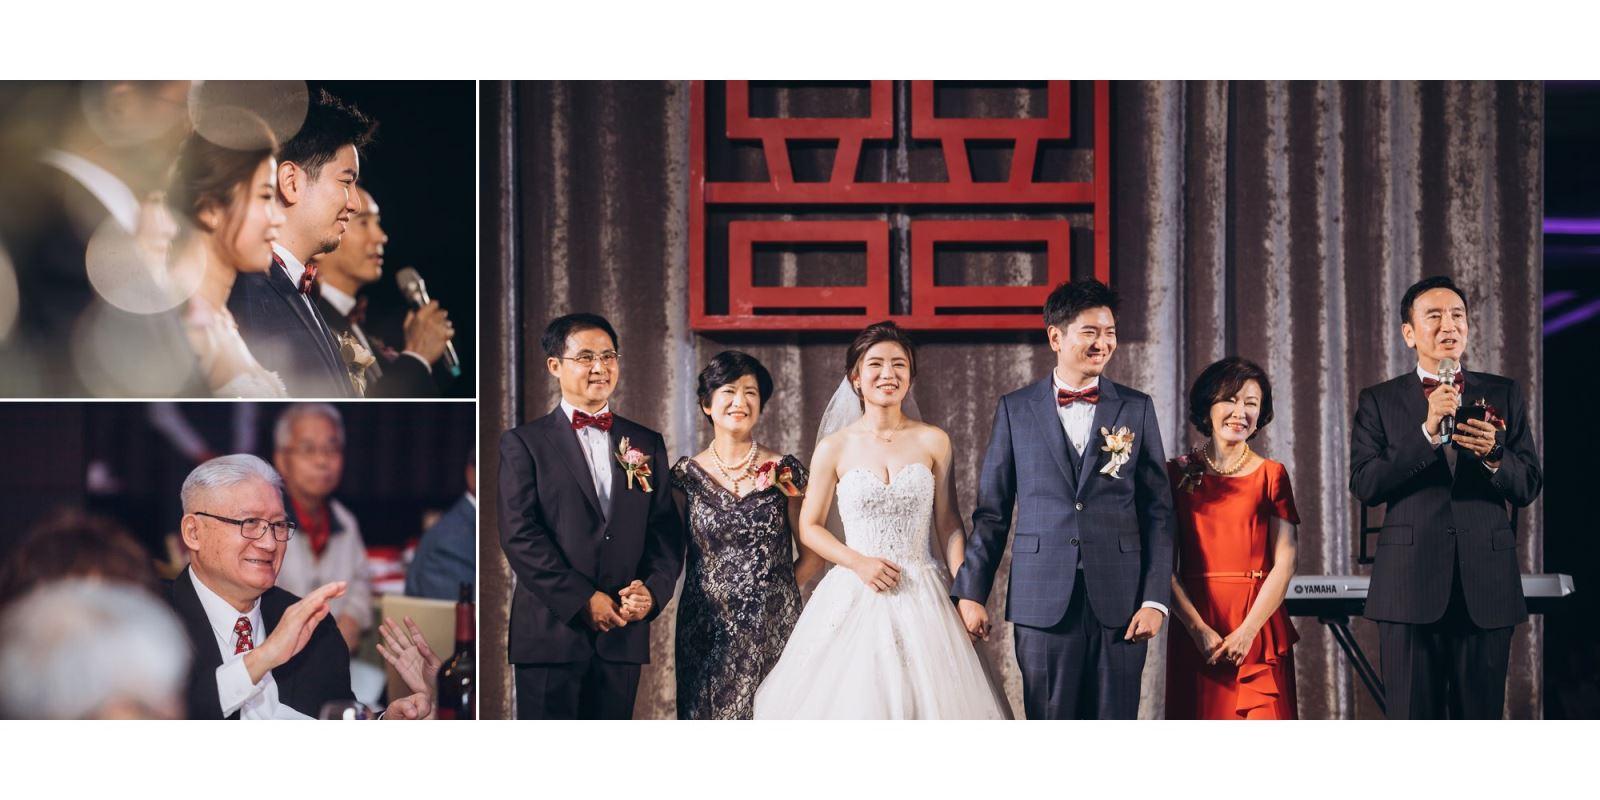 03.婚禮上,爸爸事前的用心準備講稿,富有感情與內涵、不失風趣的致詞.